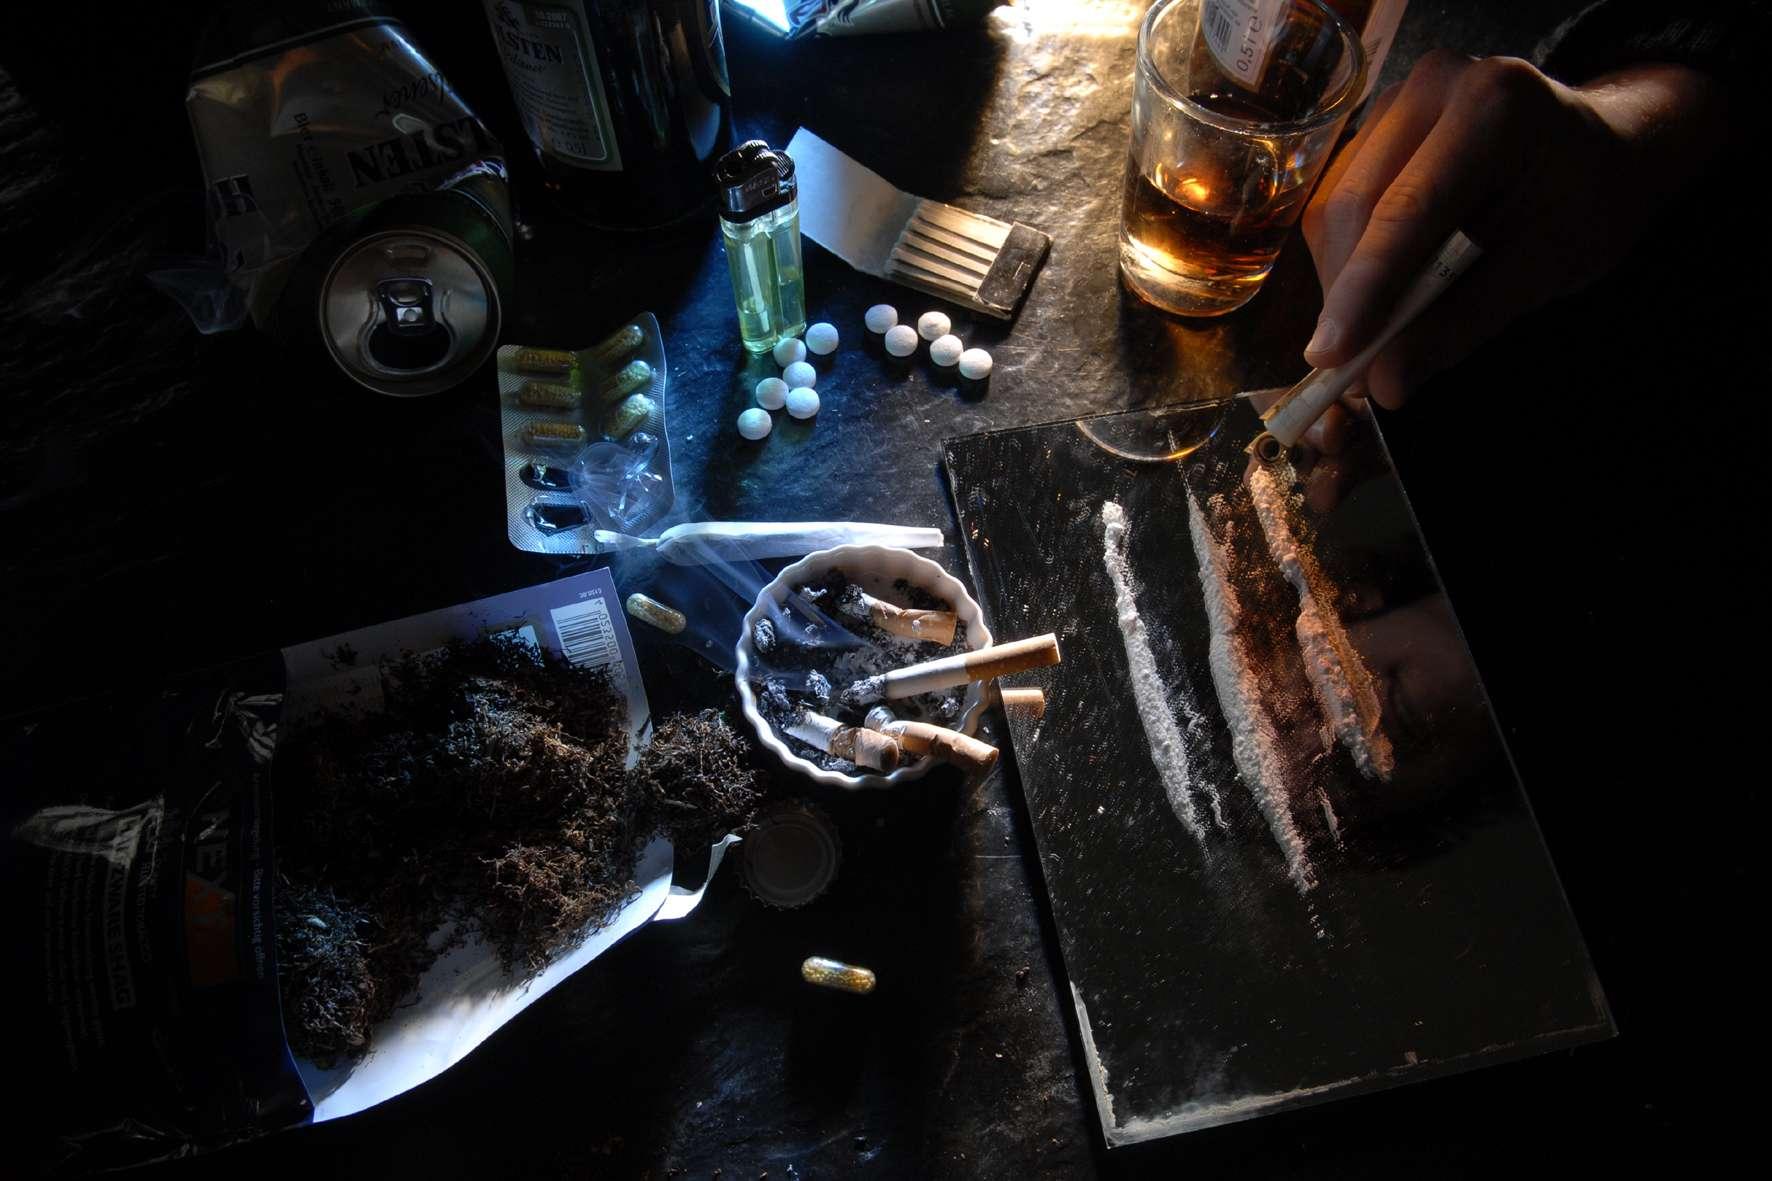 Fahren unter Drogen doppelt strafbar